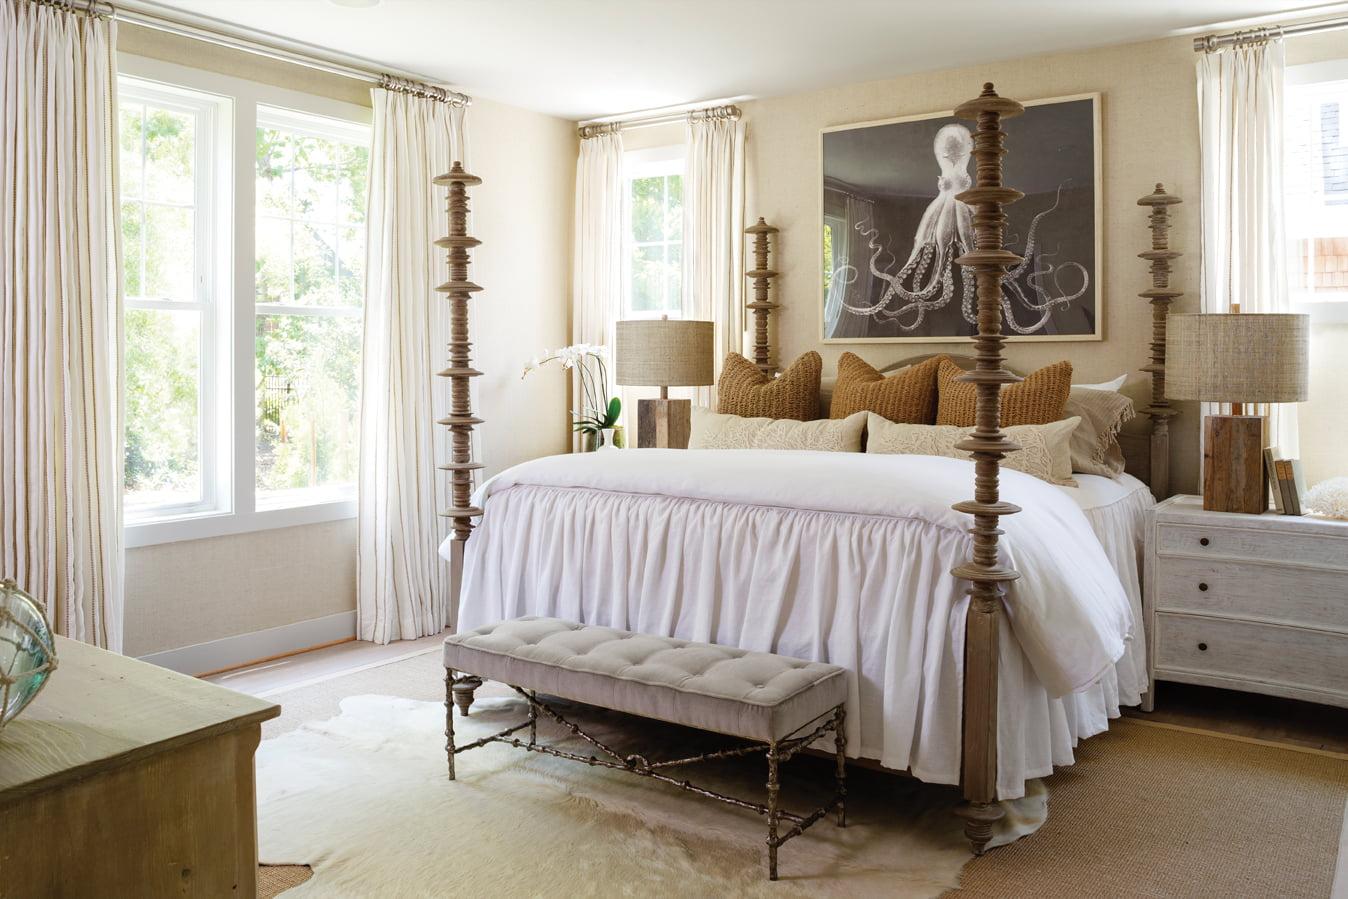 Bedroom - Room